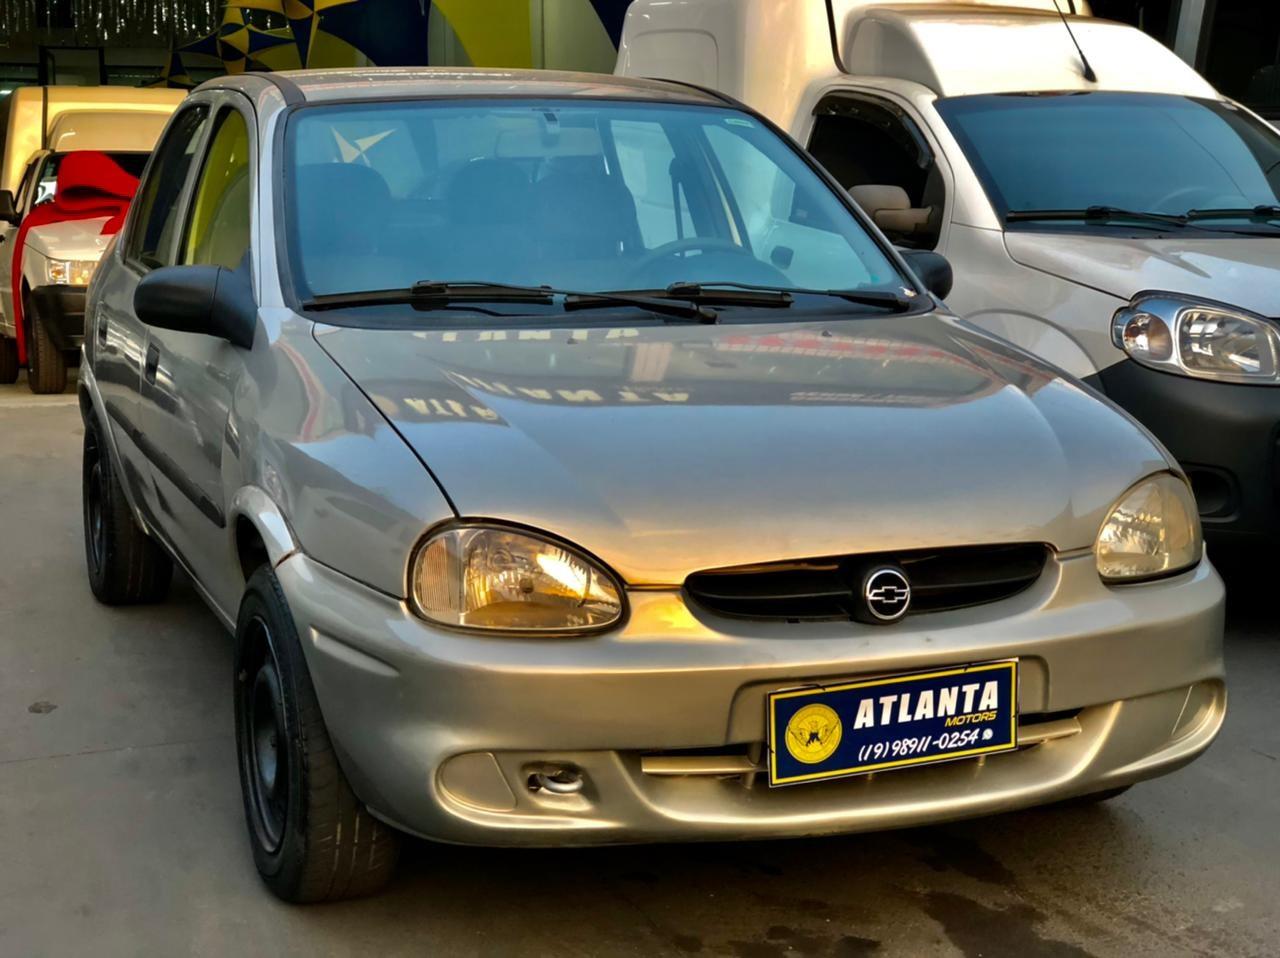 //www.autoline.com.br/carro/chevrolet/corsa-10-hatch-joy-8v-flex-4p-manual/2007/campinas-sp/15202820